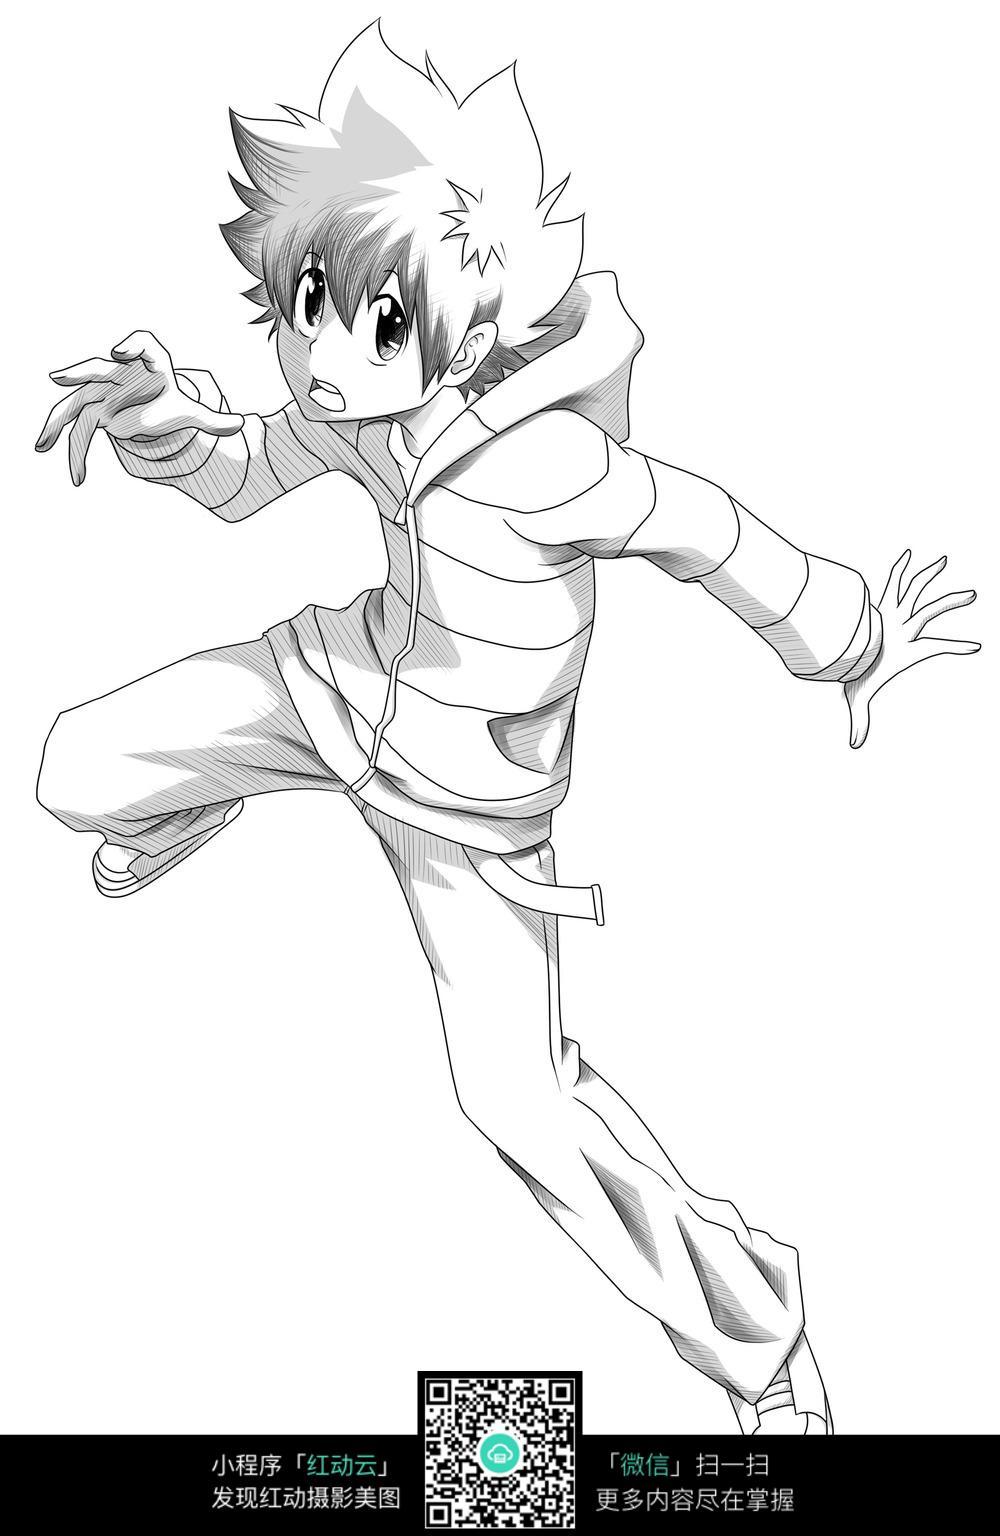 男孩 卡通 手绘线稿 卡通人物 漫画  卡通素材  插画 人物素材 漫画